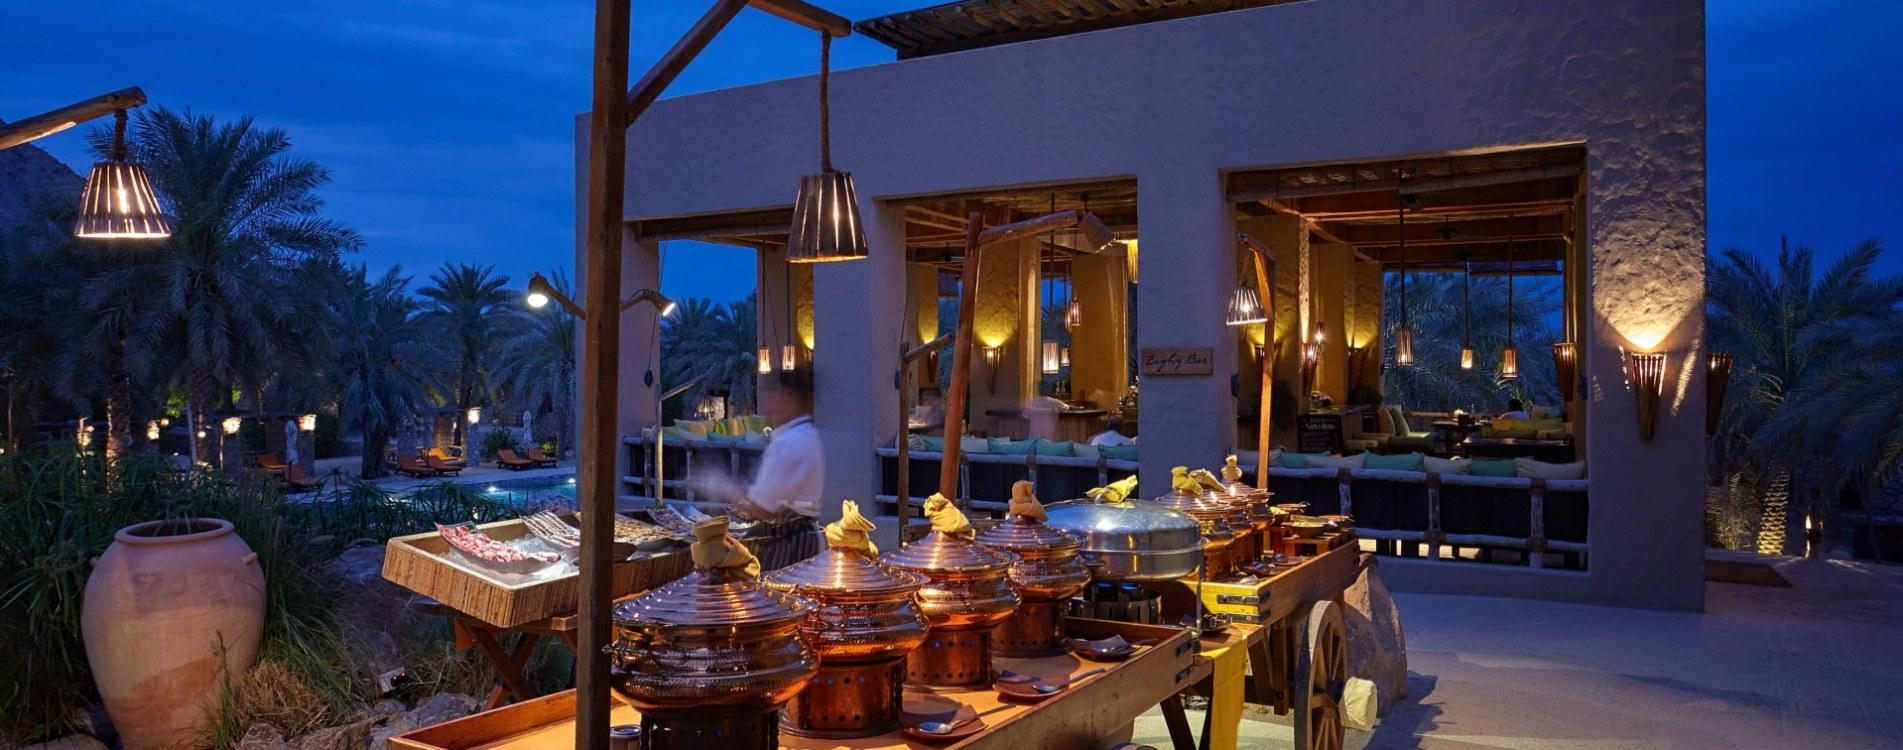 Six-Senses-Zighy-Bay-Gewürzmarkt-Nacht-Oman.jpg